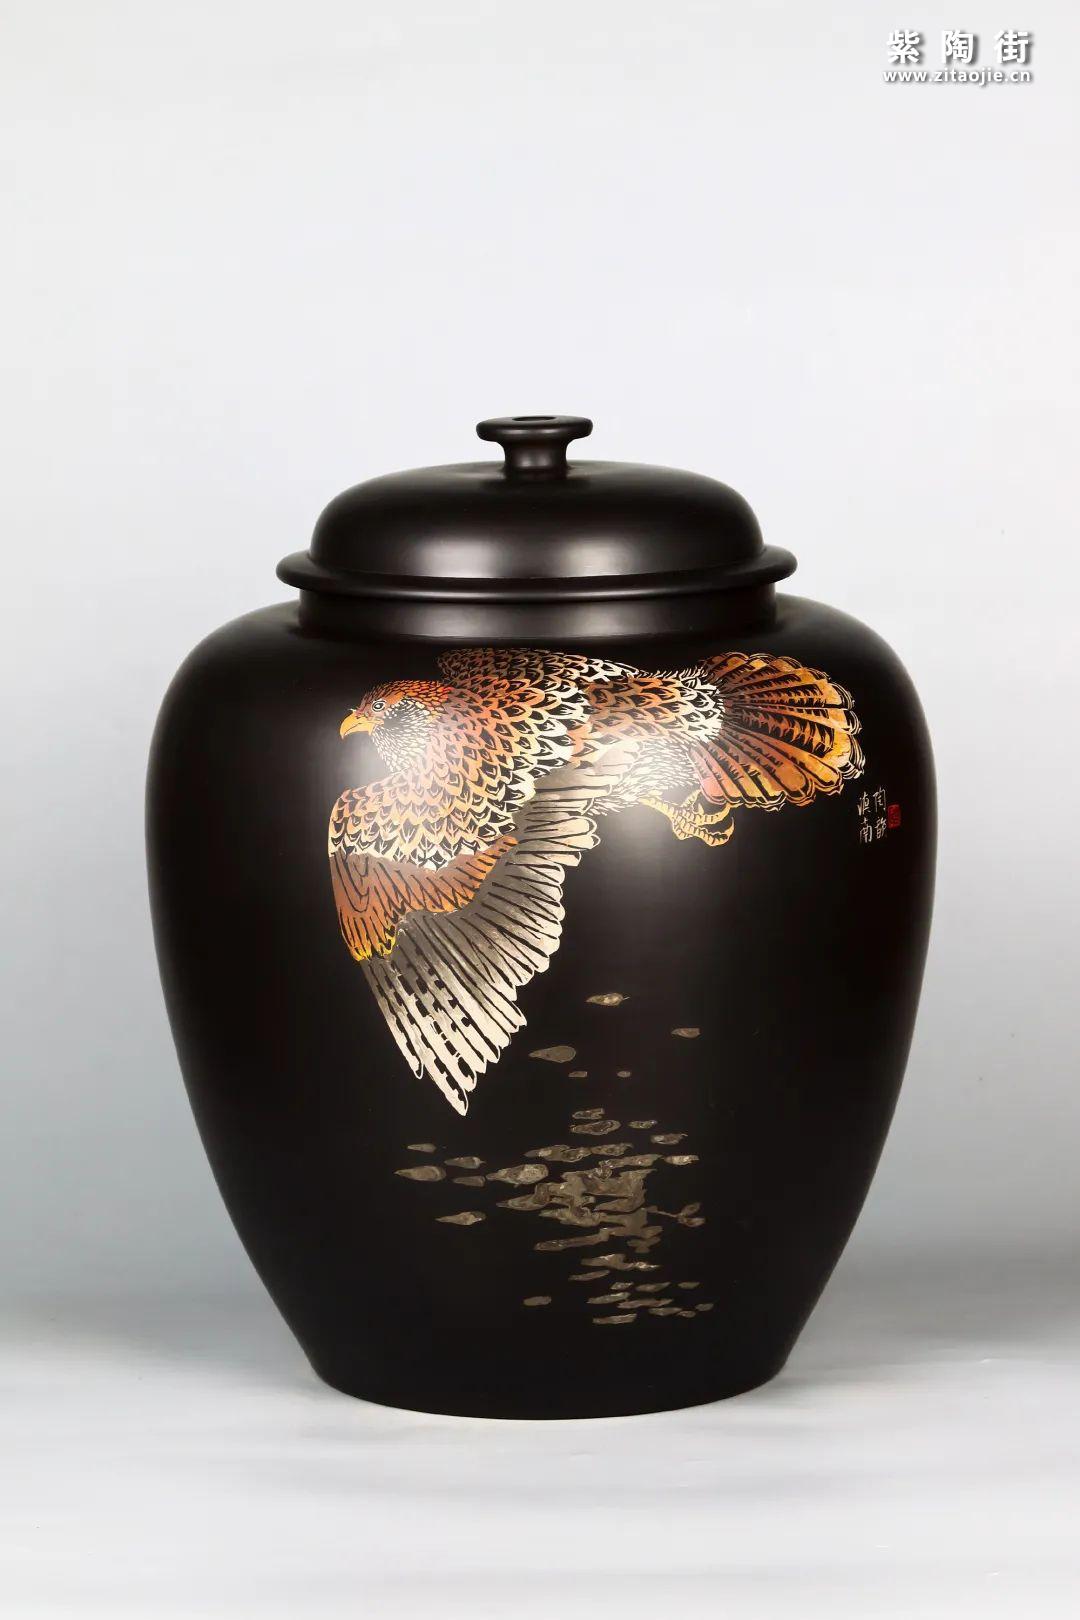 花鸟装饰的建水紫陶茶缸插图20